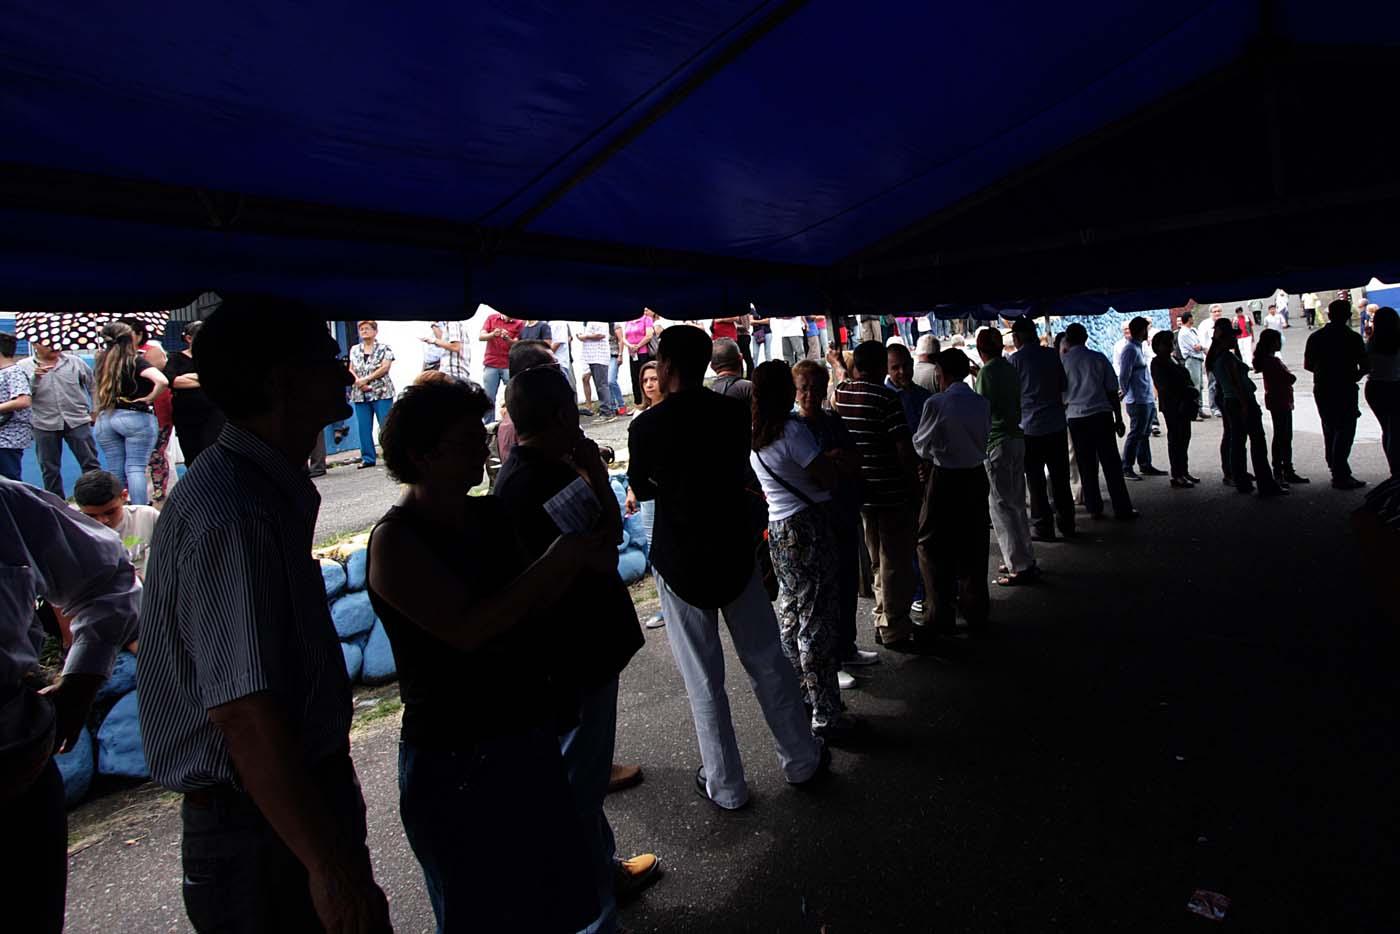 """CAR21. SAN CRISTÓBAL (VENEZUELA), 10/09/2017.- Un grupo de personas espera para participar en la votación de las primarias de la alianza Mesa de la Unidad Democrática (MUD) hoy, domingo 10 de septiembre del 2017, en San Cristóbal (Venezuela). El diputado opositor venezolano Henry Ramos Allup aseguró hoy que la participación de los ciudadanos en las primarias de la alianza Mesa de la Unidad Democrática (MUD) para elegir candidatos unitarios para las elecciones de gobernadores se está produciendo """"por encima de lo estimado"""". EFE/Gustavo Delgado"""